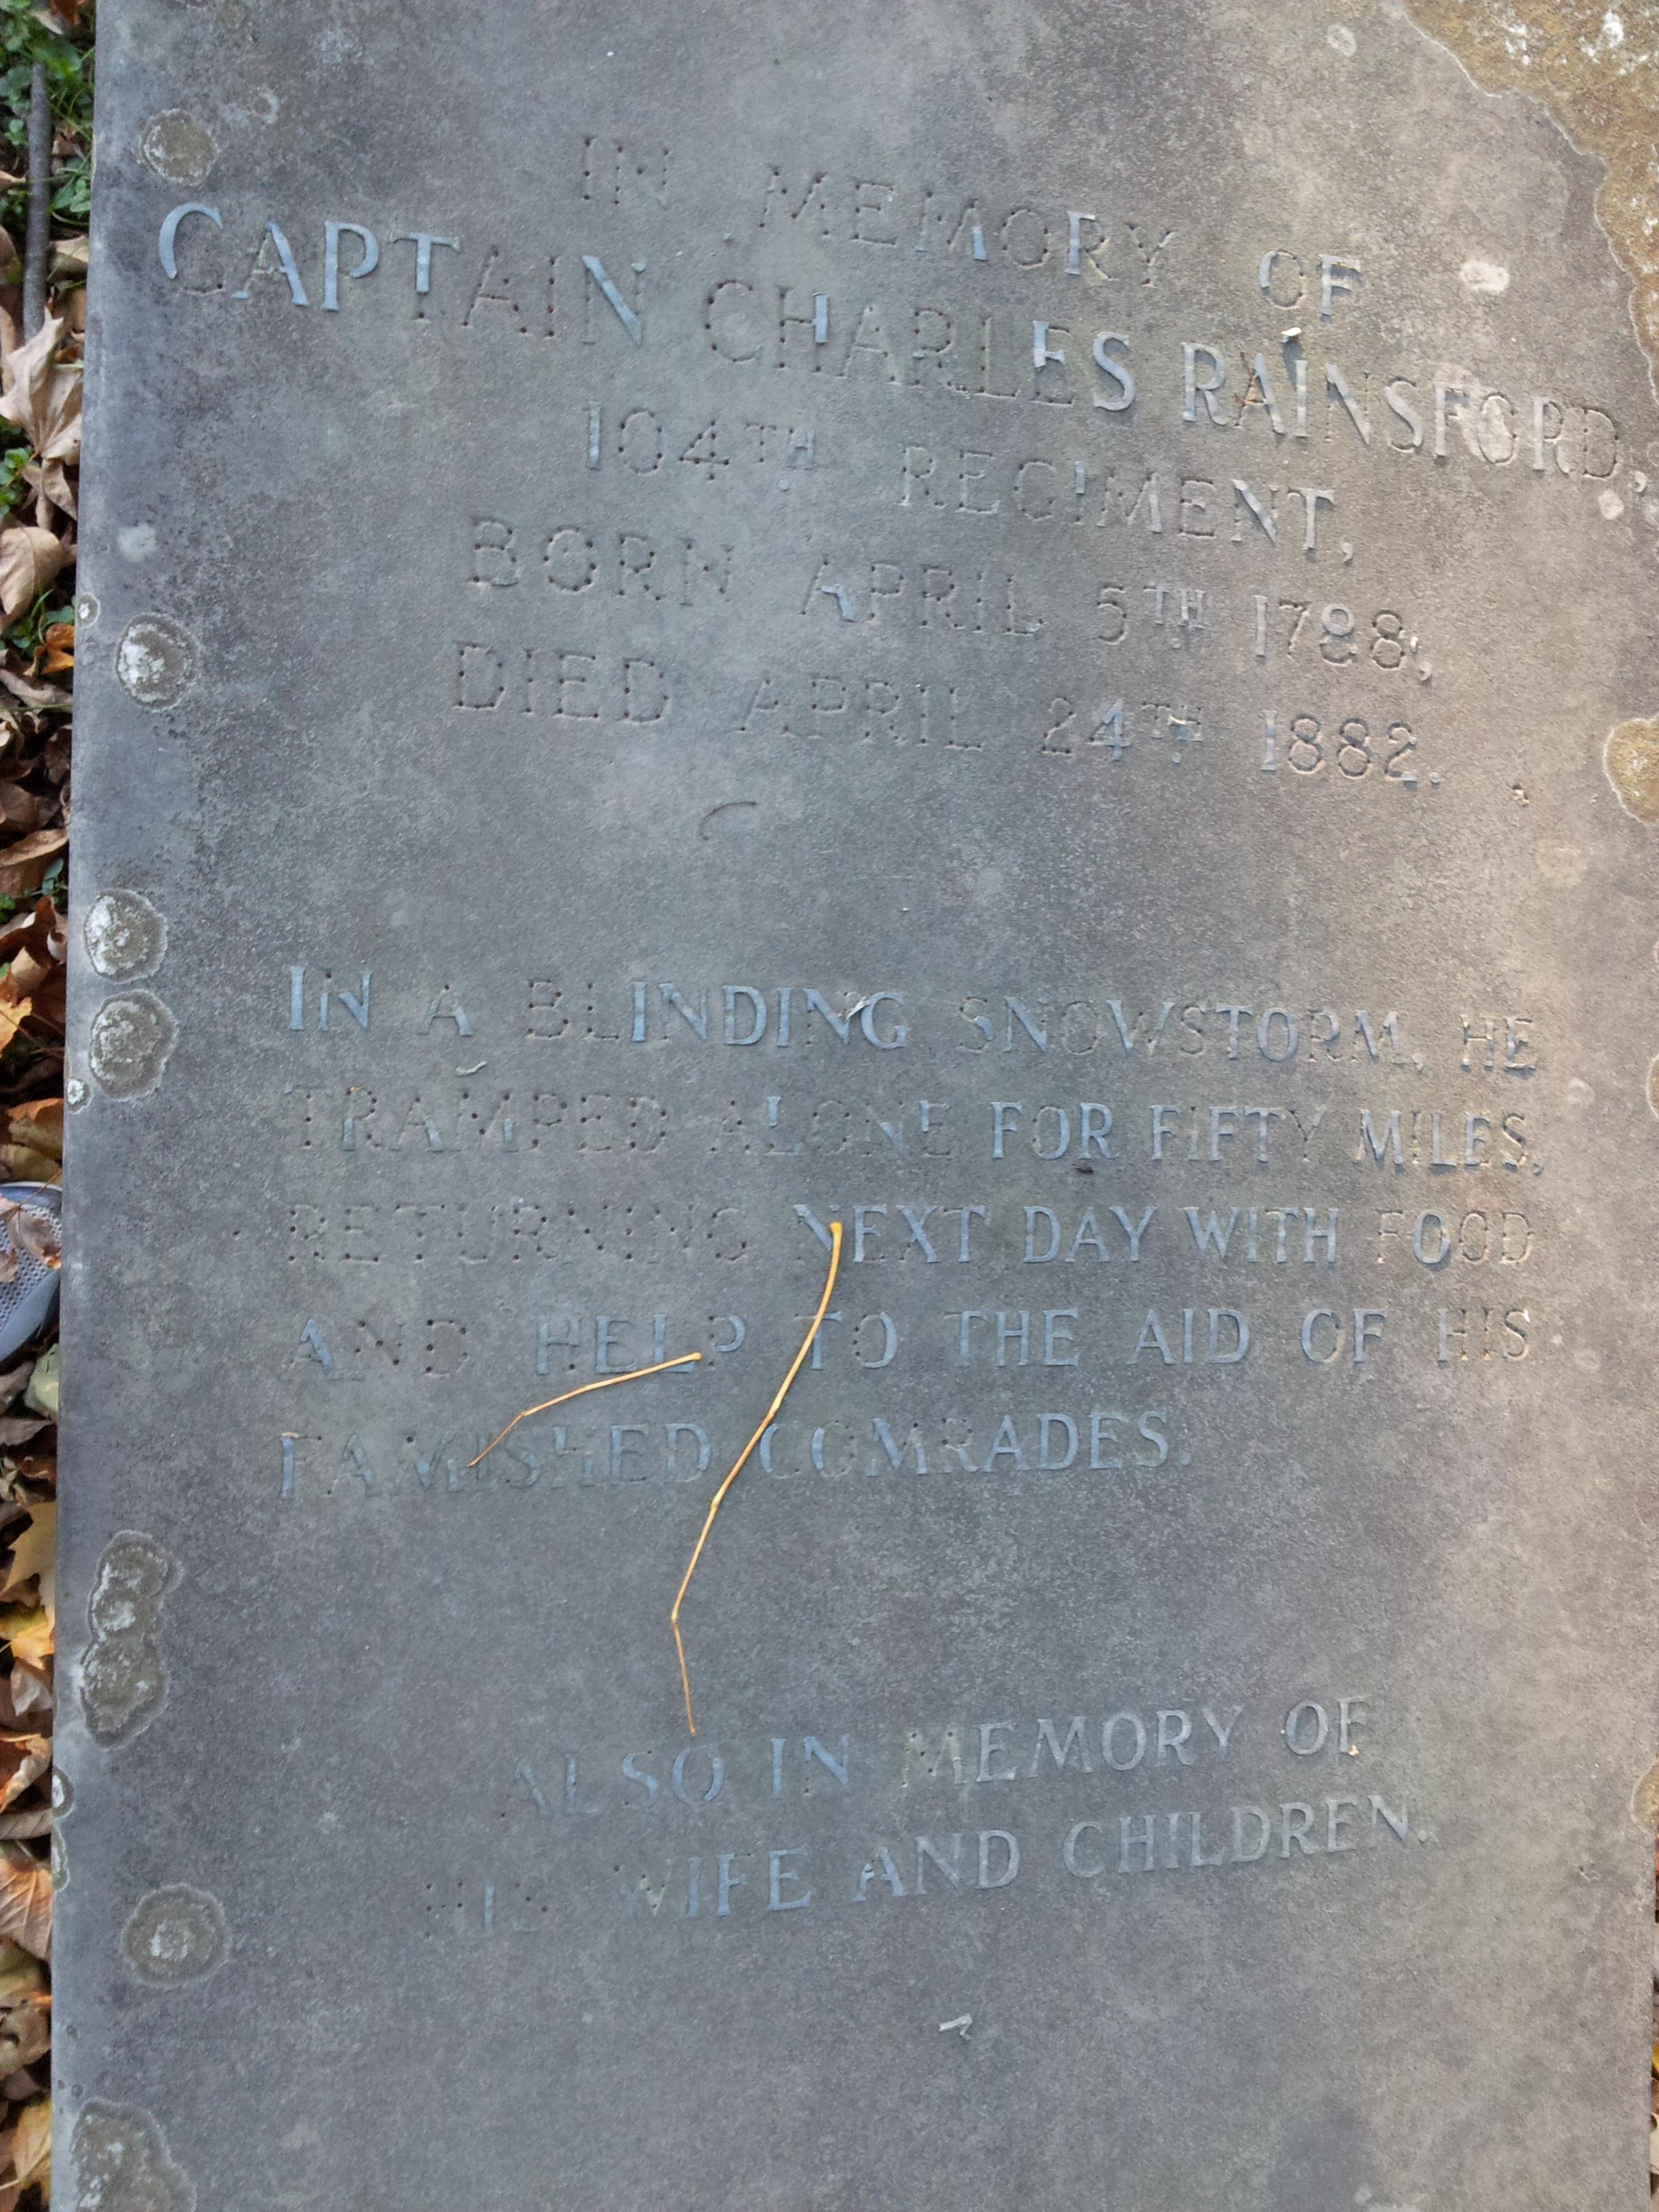 Capt. Rainsford gravestone